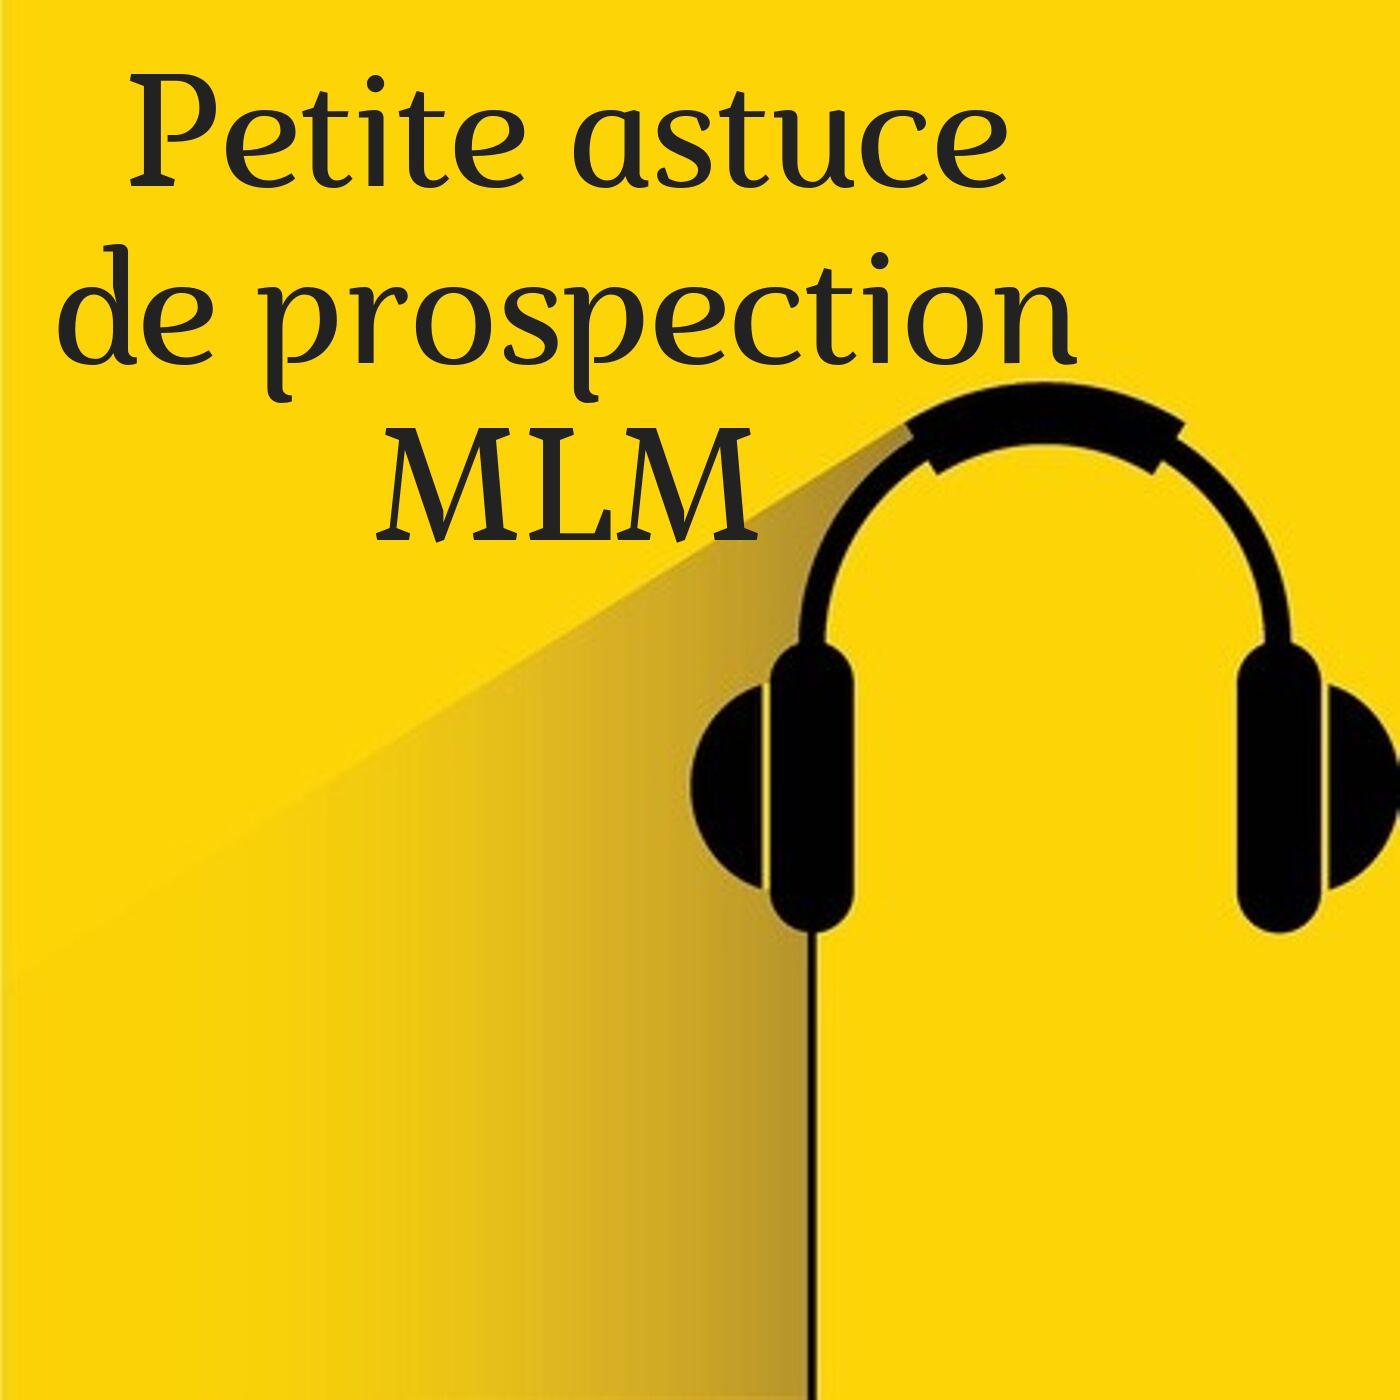 Petite astuce de prospection MLM